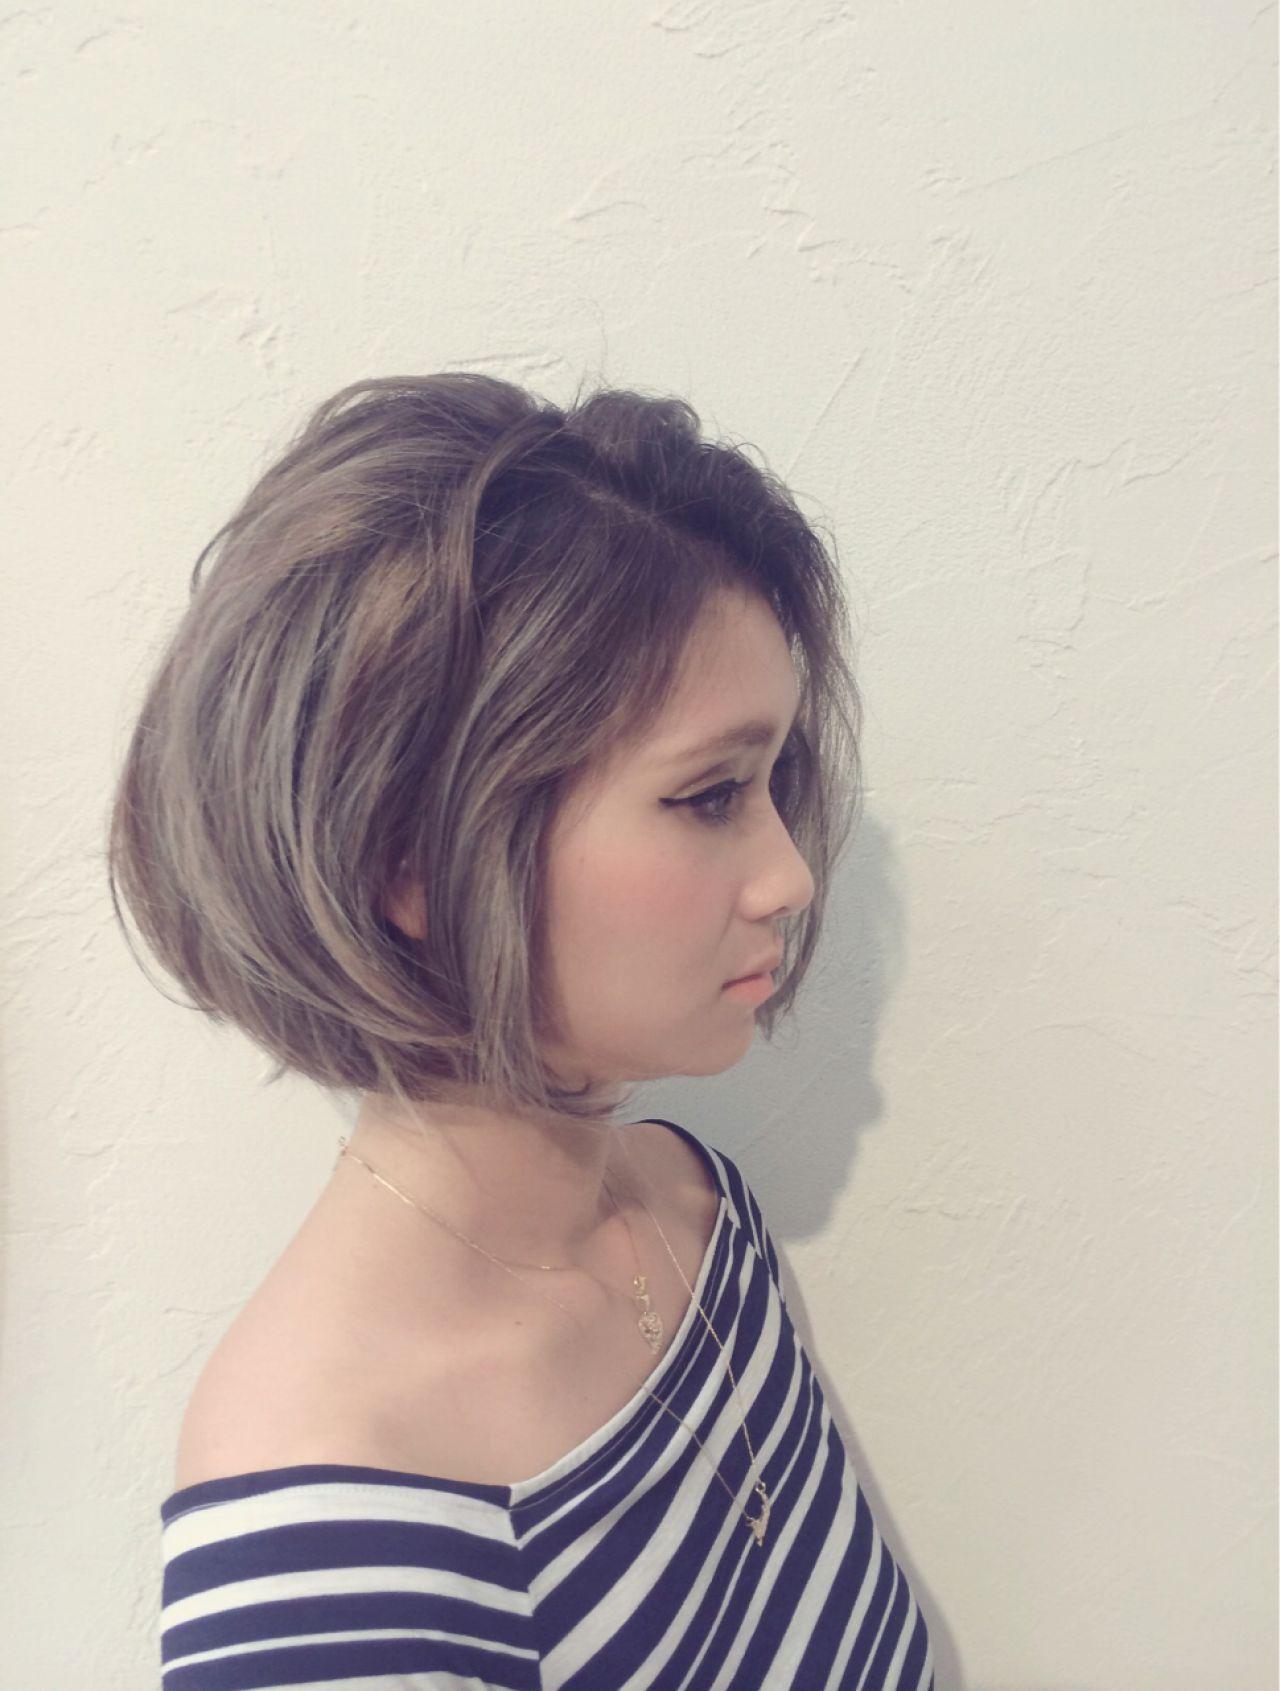 人と被らない私だけのスタイルに。ボブ×グラデーションカラーのヘアスタイルまとめ YUMIKO TAKADA